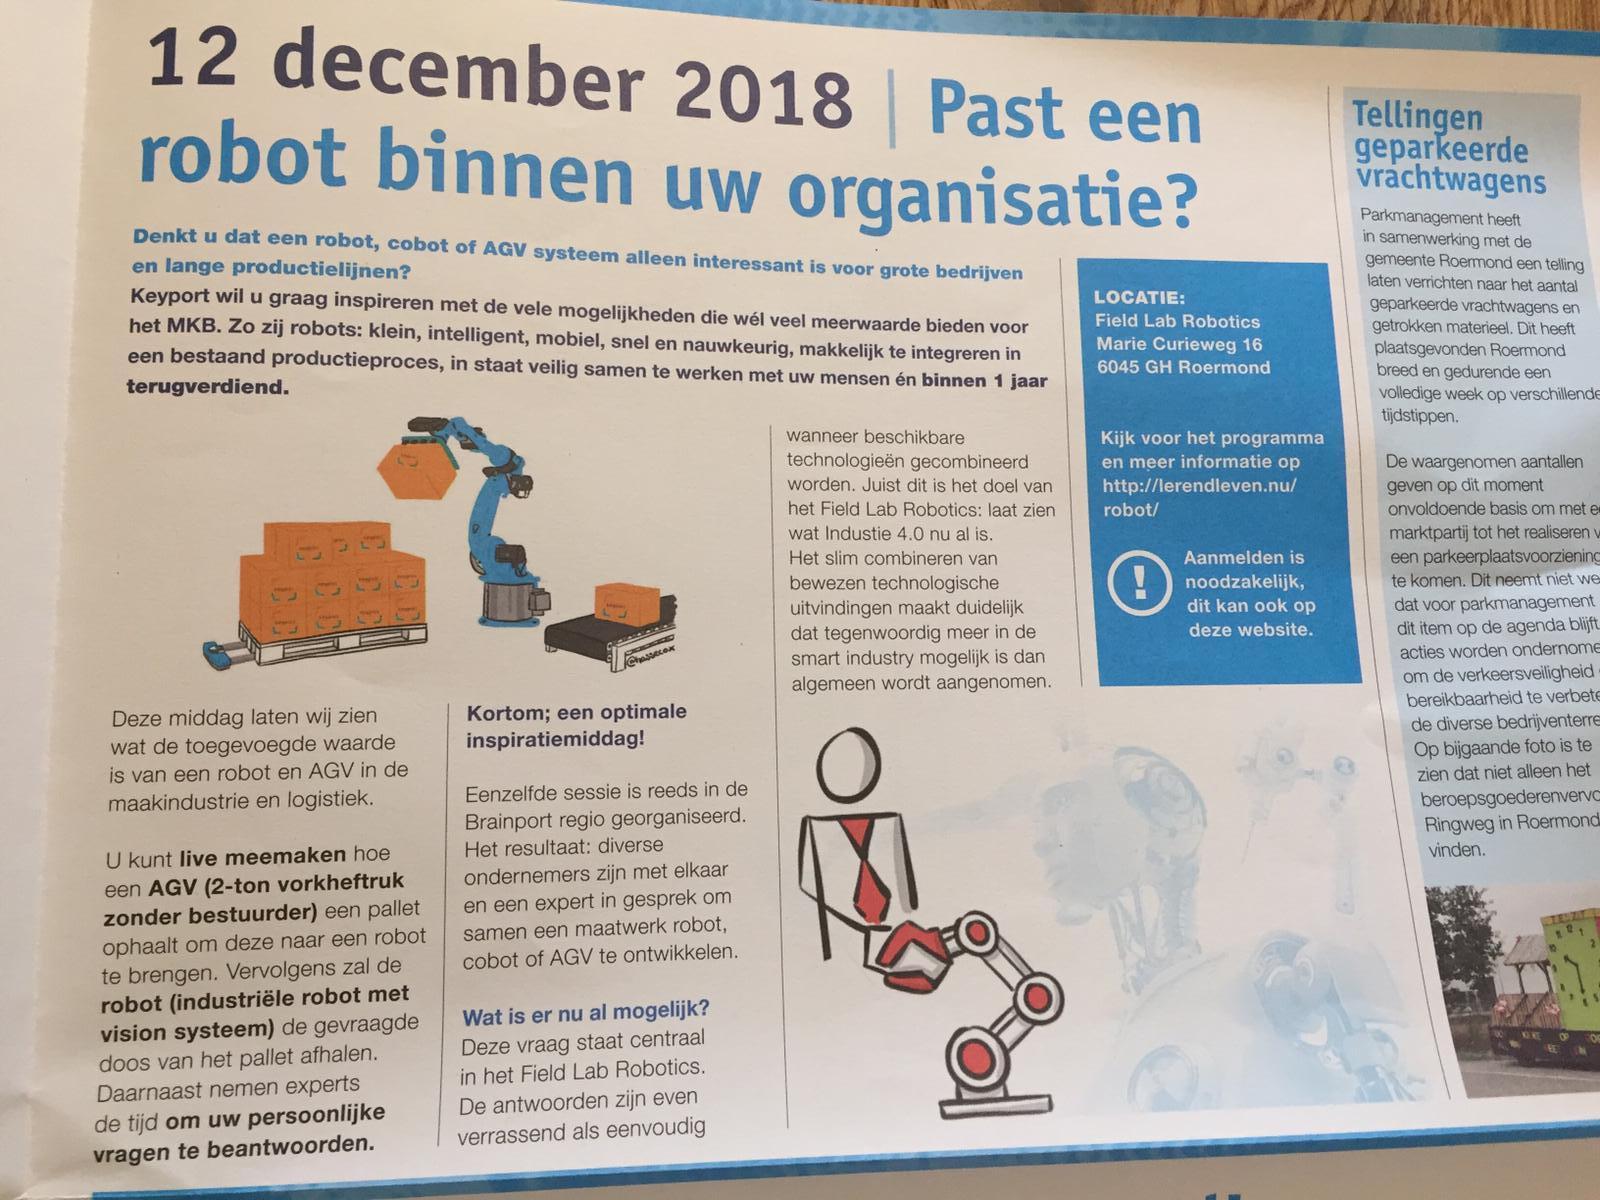 """12 december 2018 - Past een robot binnen uw organisatie?"""" artikel in de krant van Parkmanagement Midden-Limburg"""